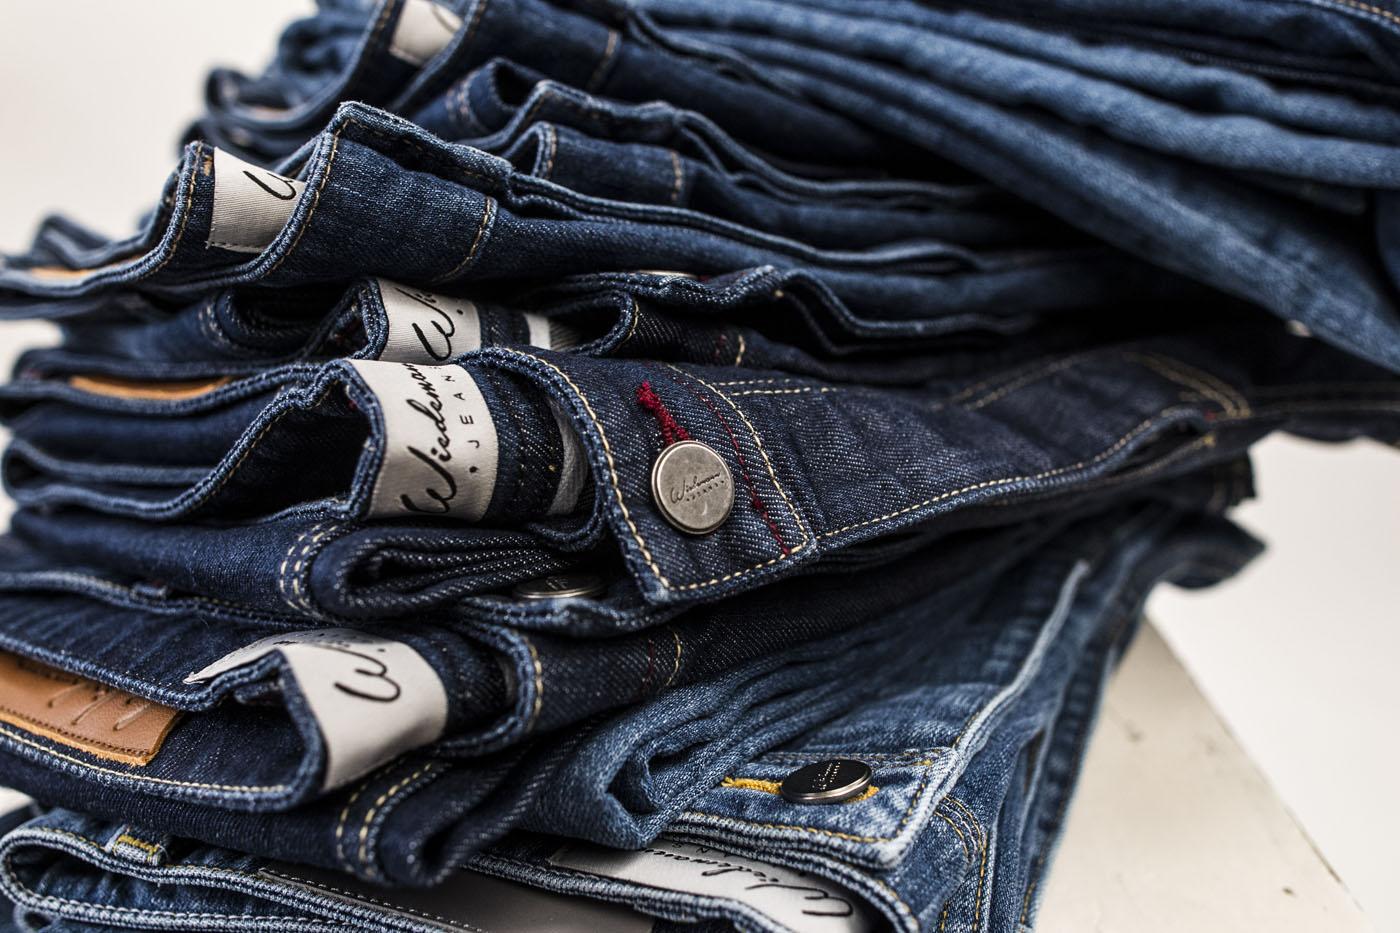 wiedemann-jeans-tallmen-00002